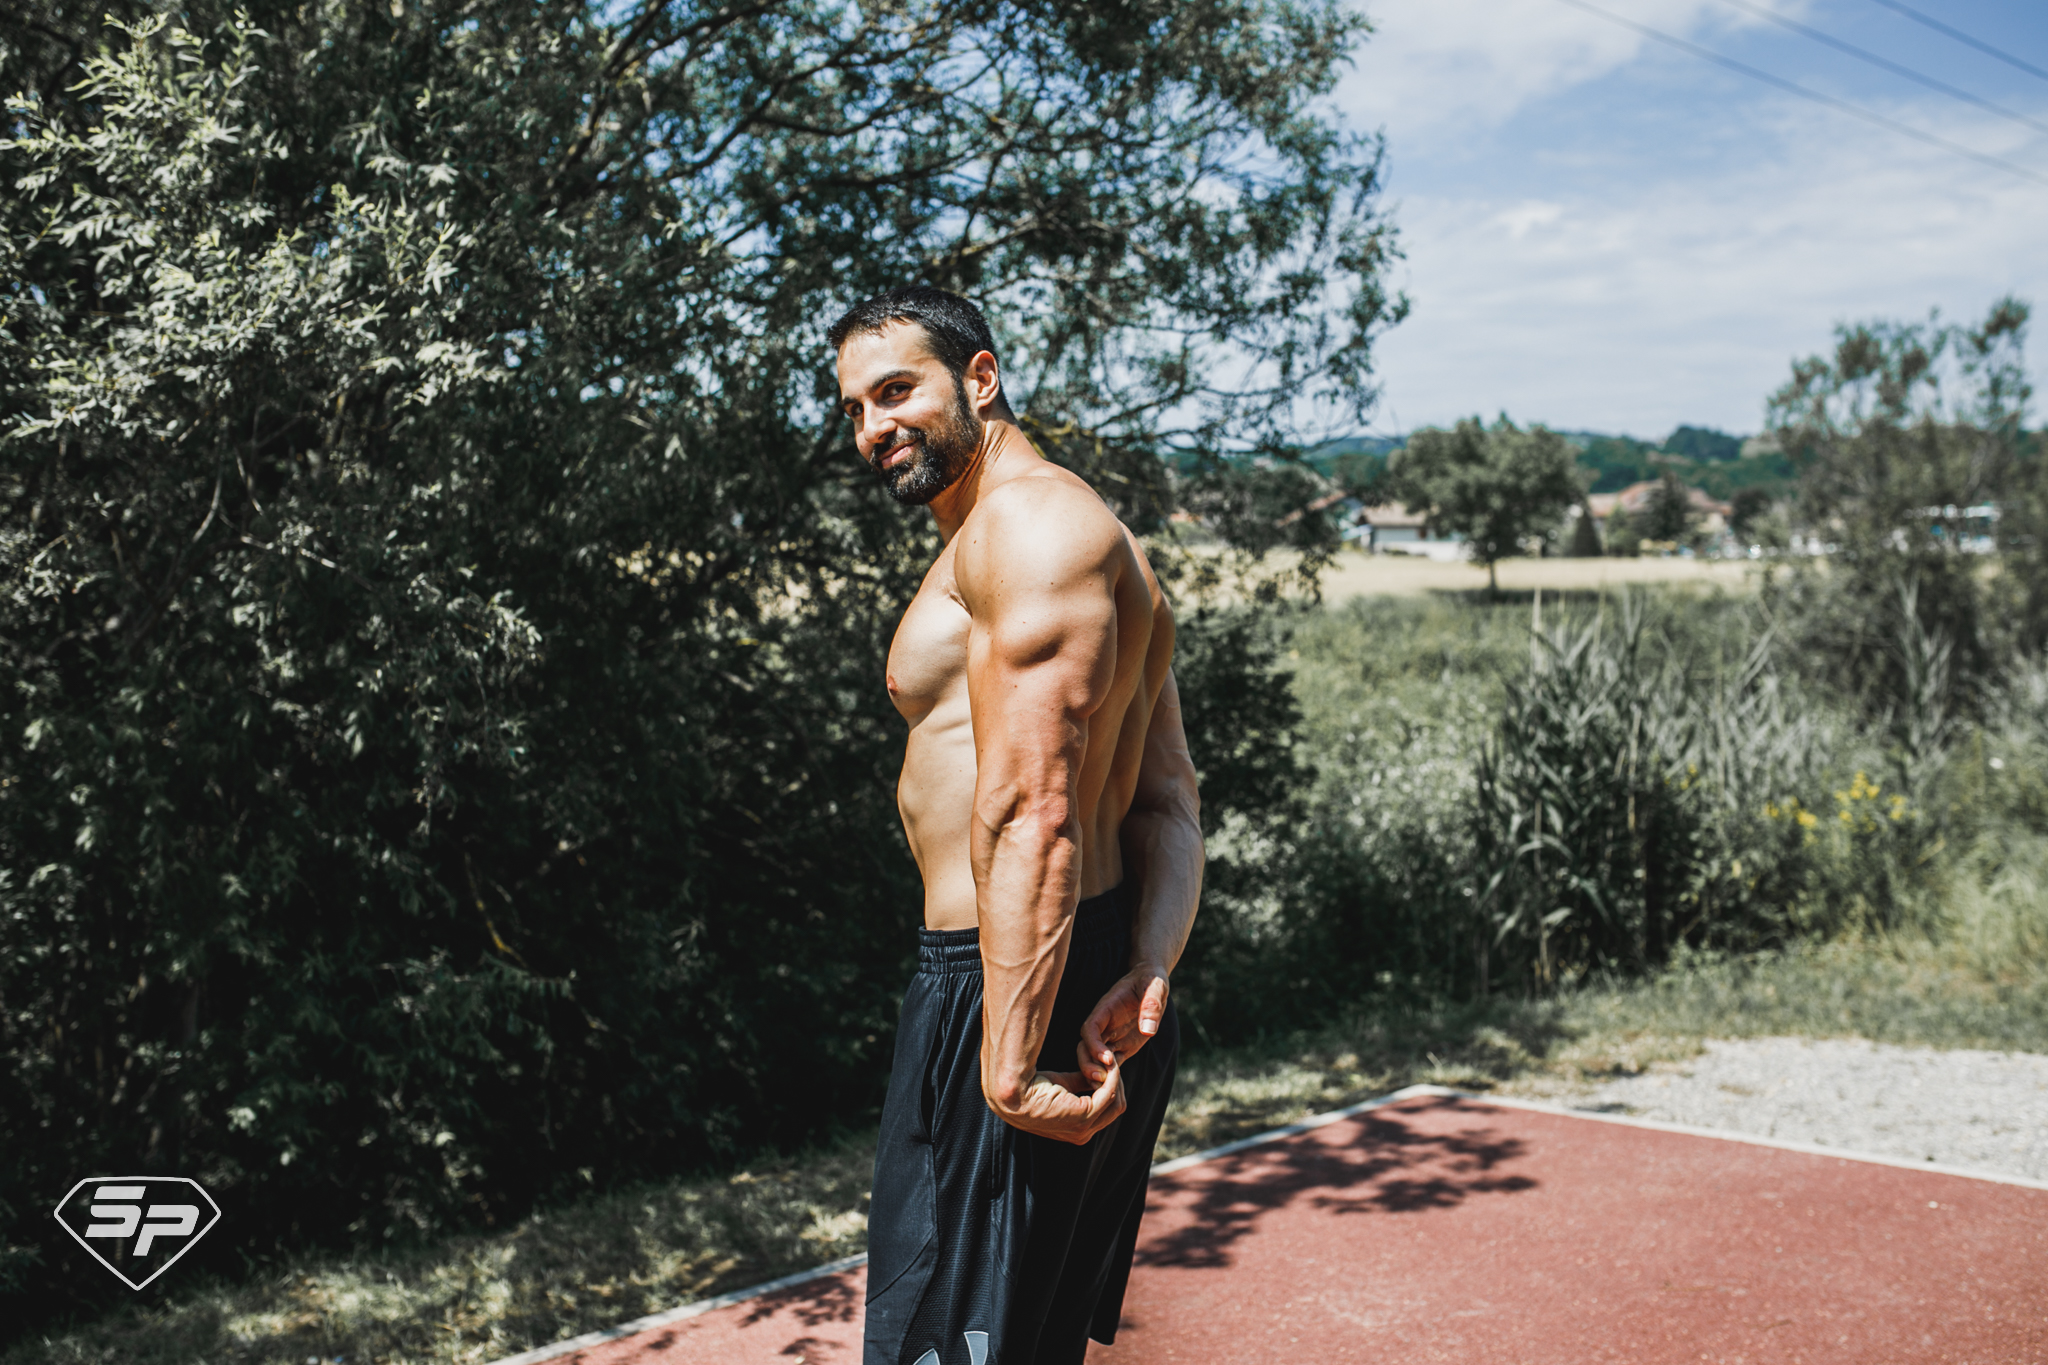 La durée d'une séance de musculation